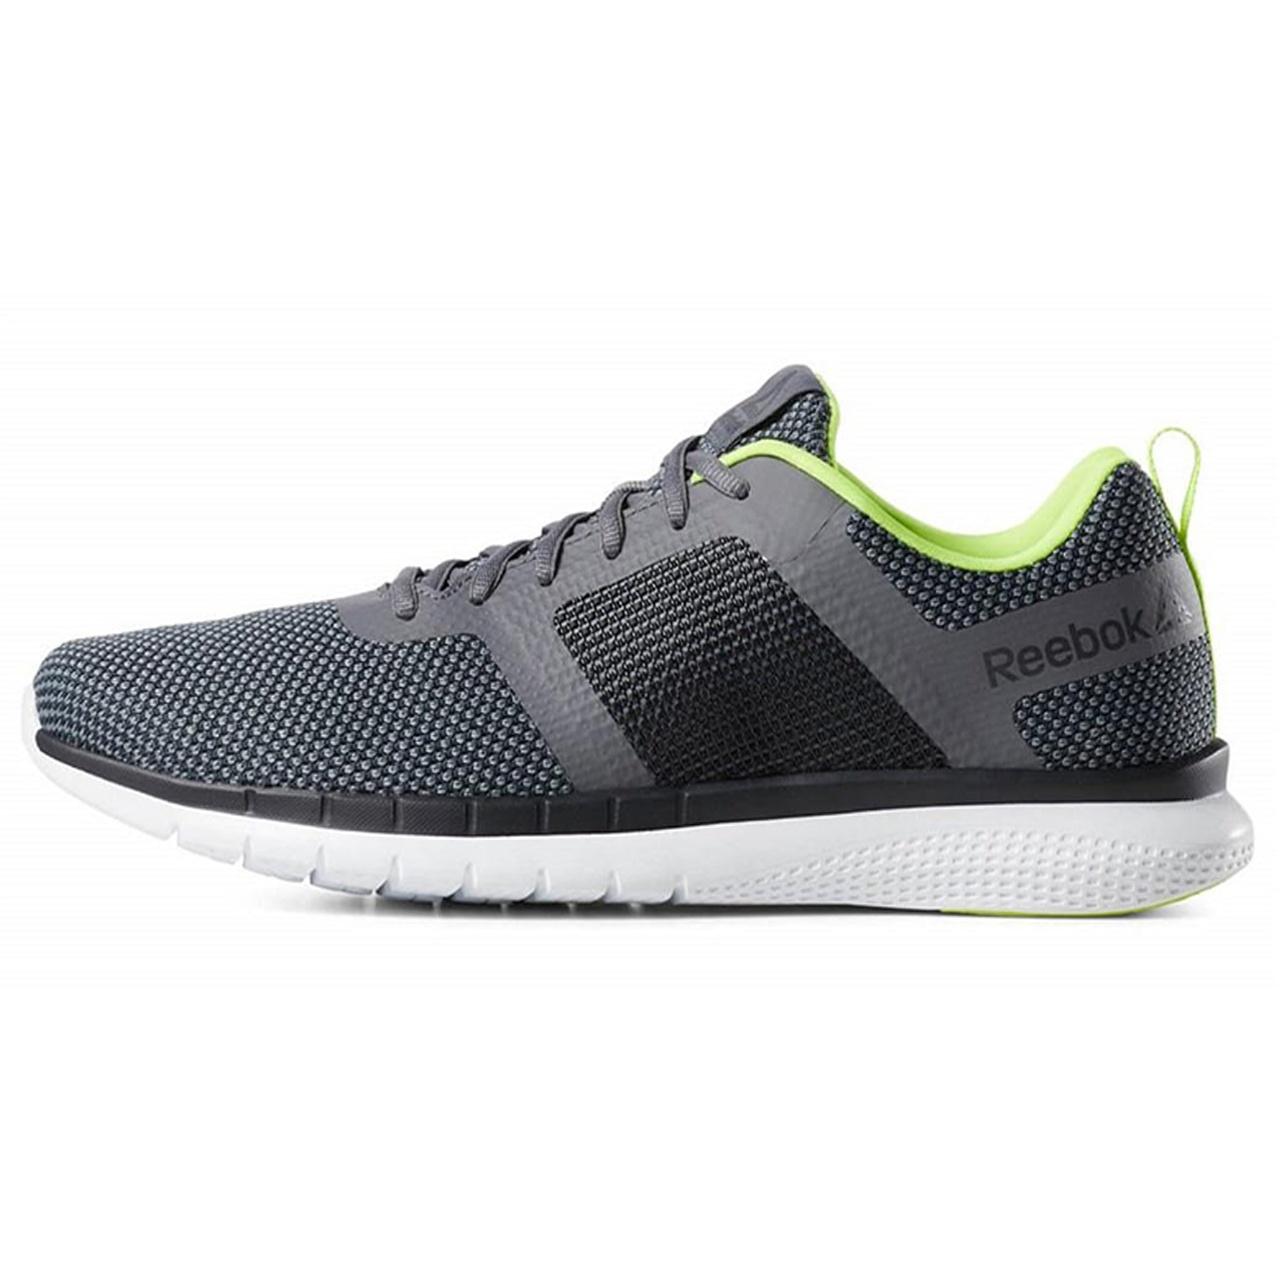 خرید اینترنتی کفش مخصوص دویدن مردانه ریباک مدل Pt Prime Runner Fc با قیمت مناسب